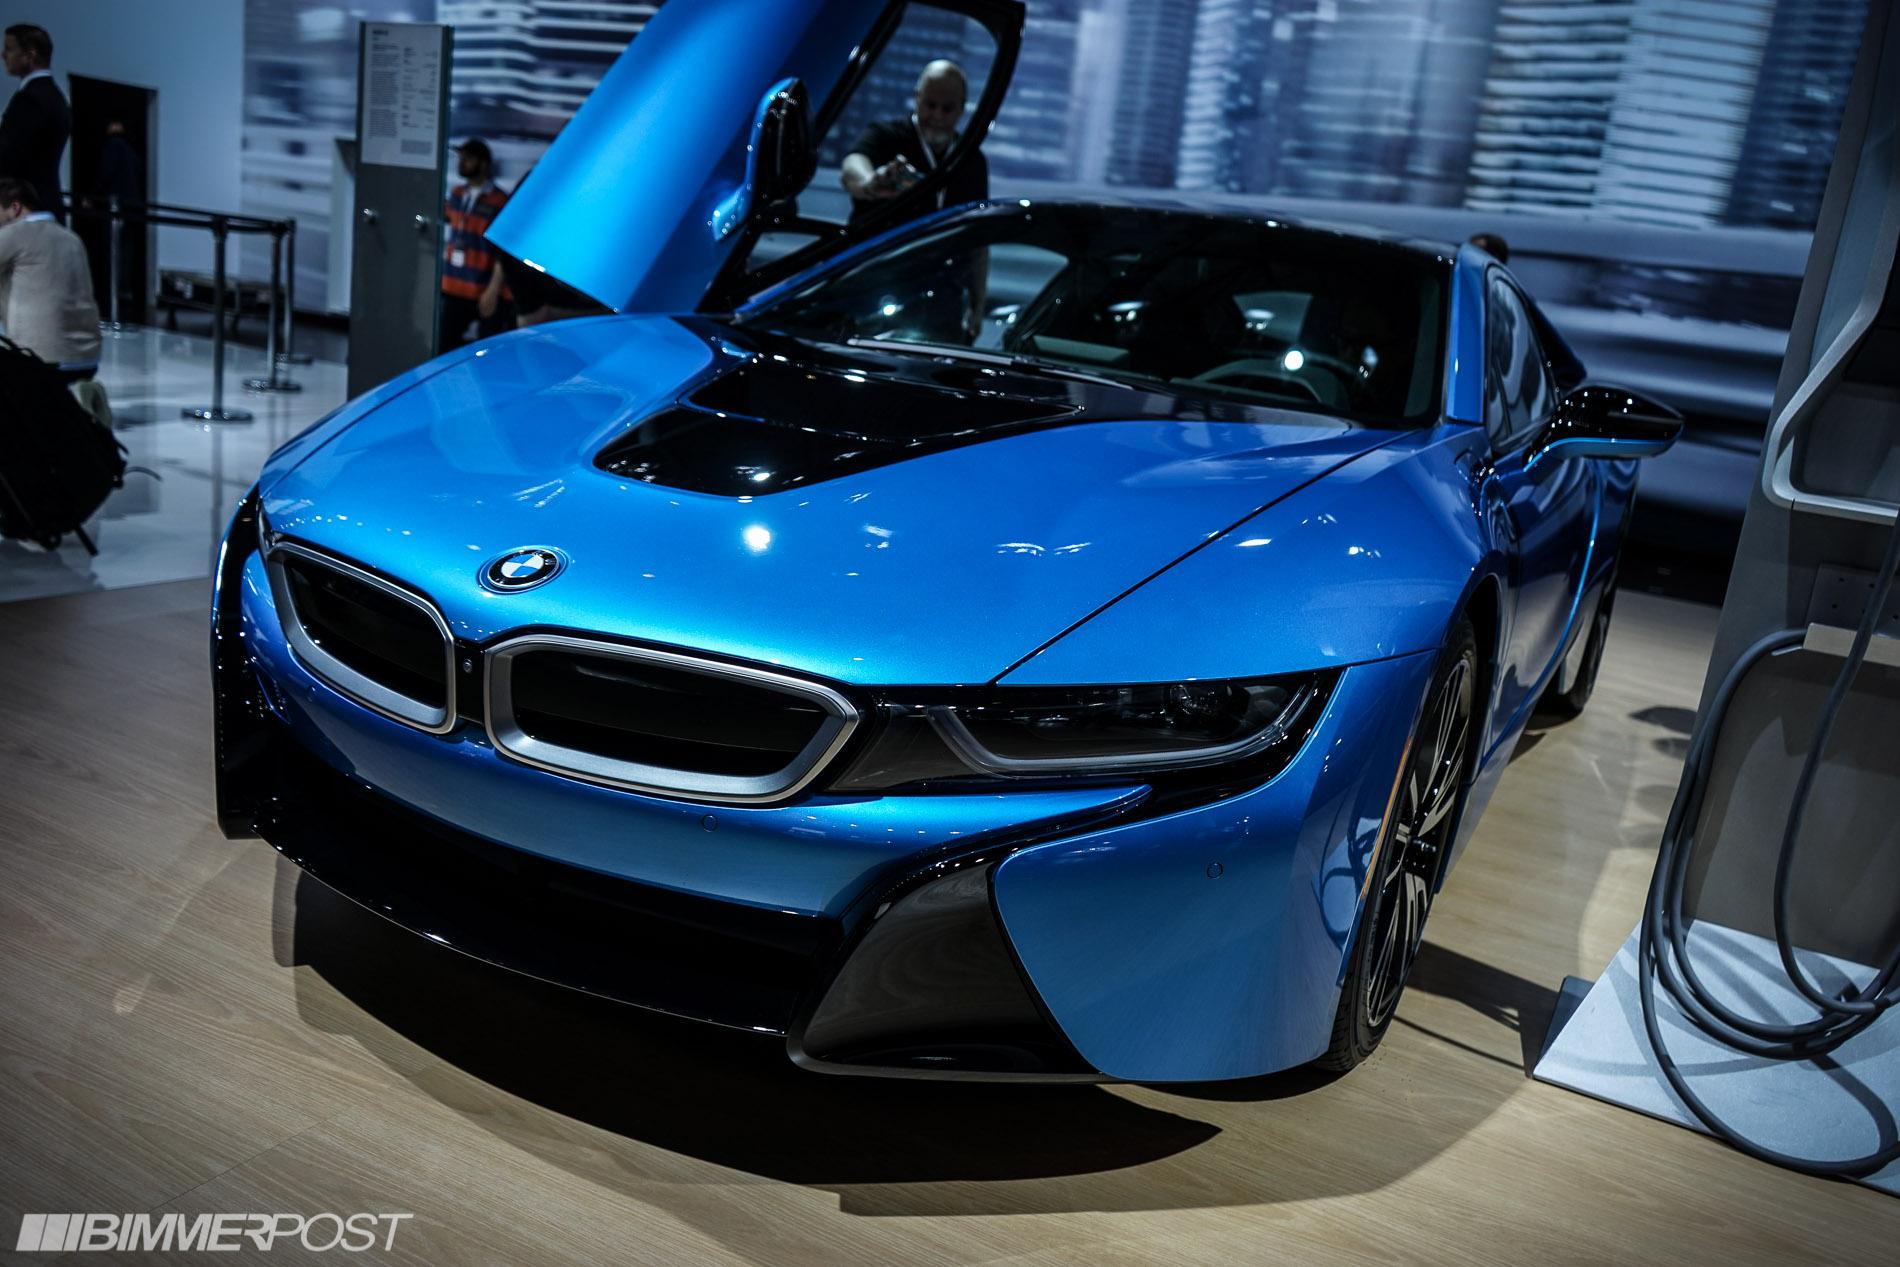 BMW Alpina B6 >> BMW 2014 New York International Autoshow - BMW Forum, BMW News and BMW Blog - BIMMERPOST